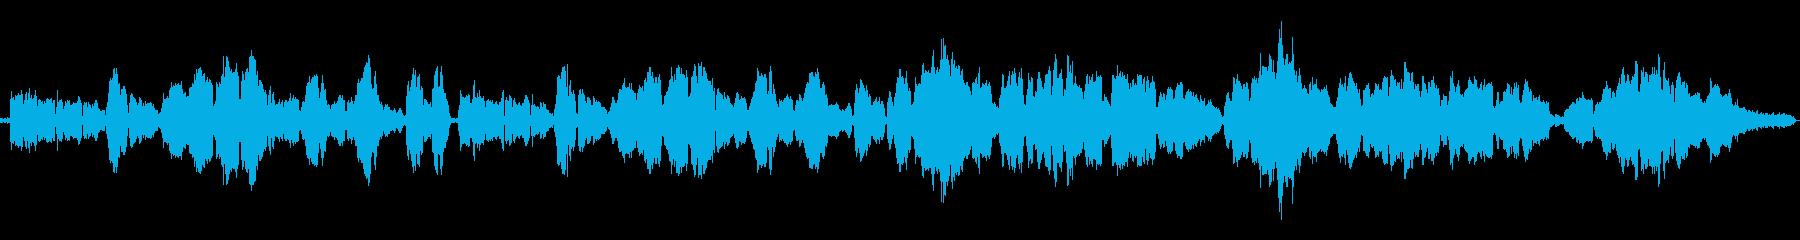 ラフマニノフ作曲の有名なクラシックの再生済みの波形